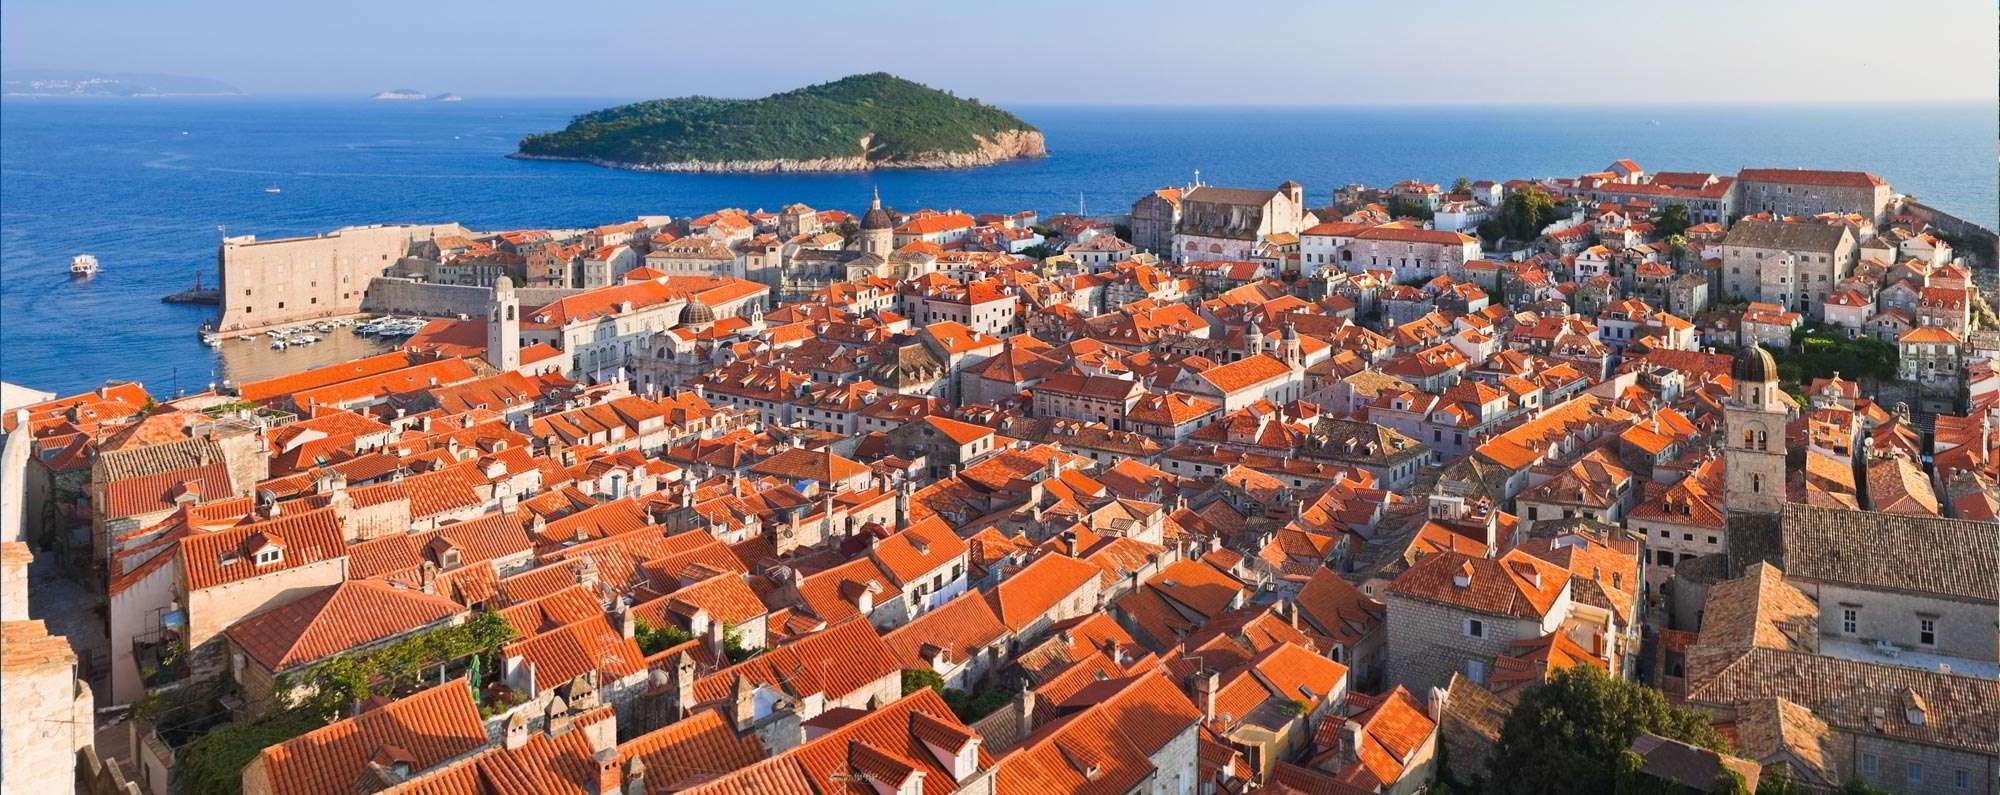 Alquiler de barcos en Dubrovnik